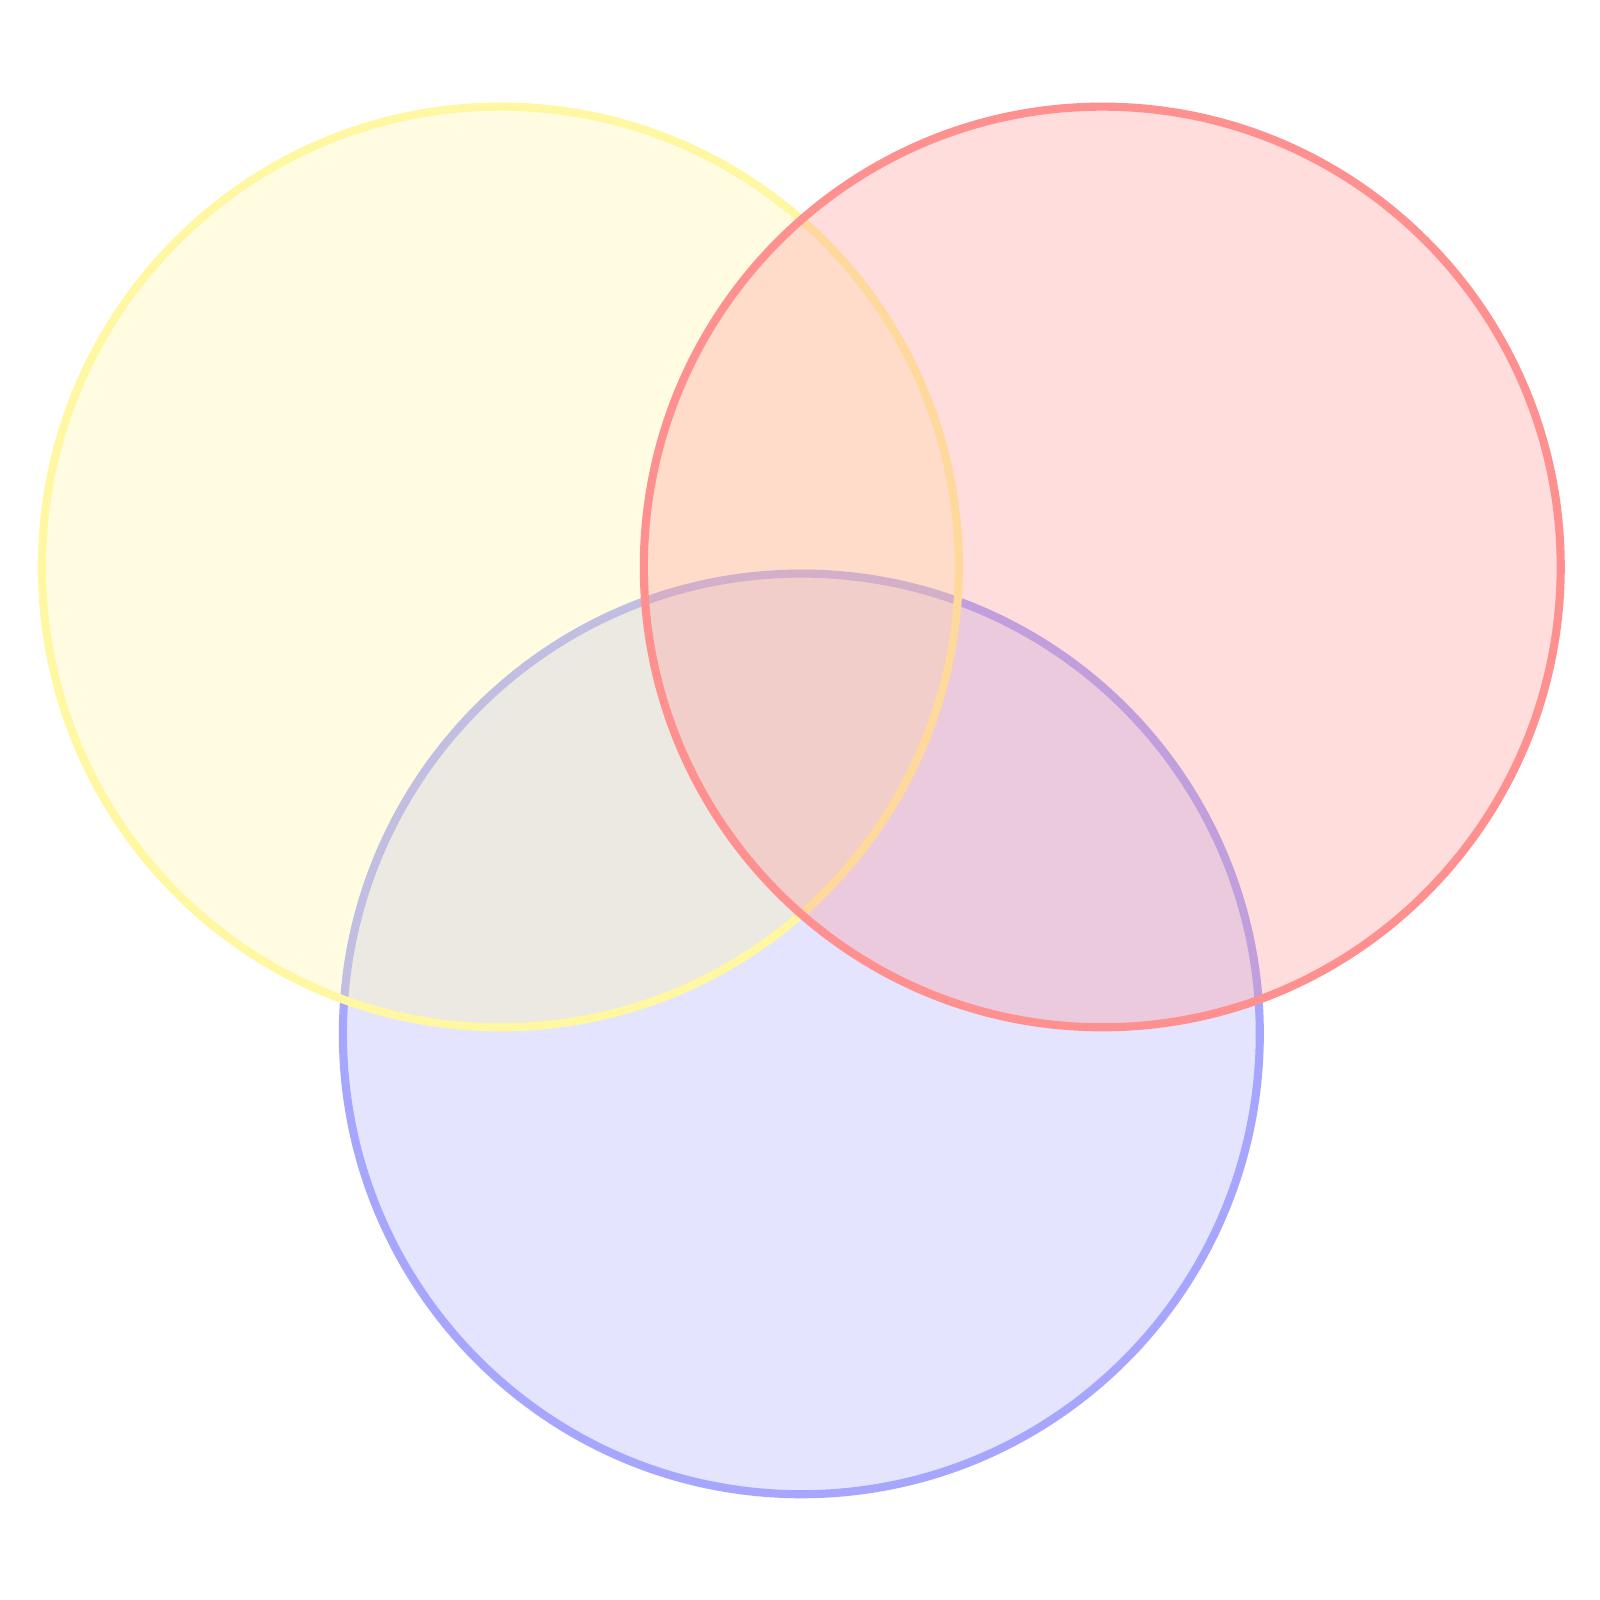 Plantilla de diagrama de venn de 3 conjuntos